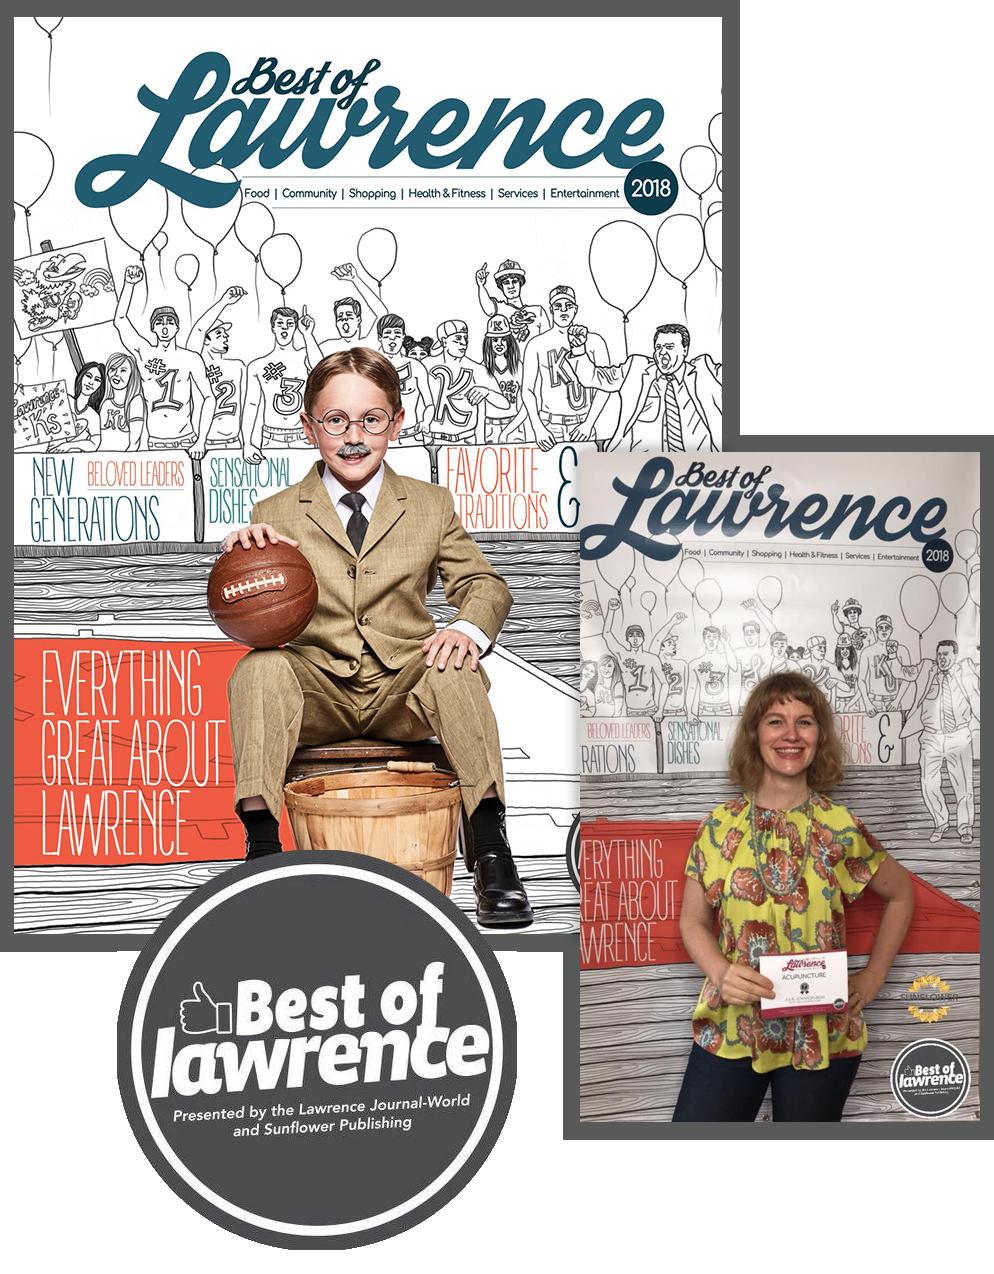 Julie-Bear-Dont-Walk-Best-Of-Lawrence-2018.png